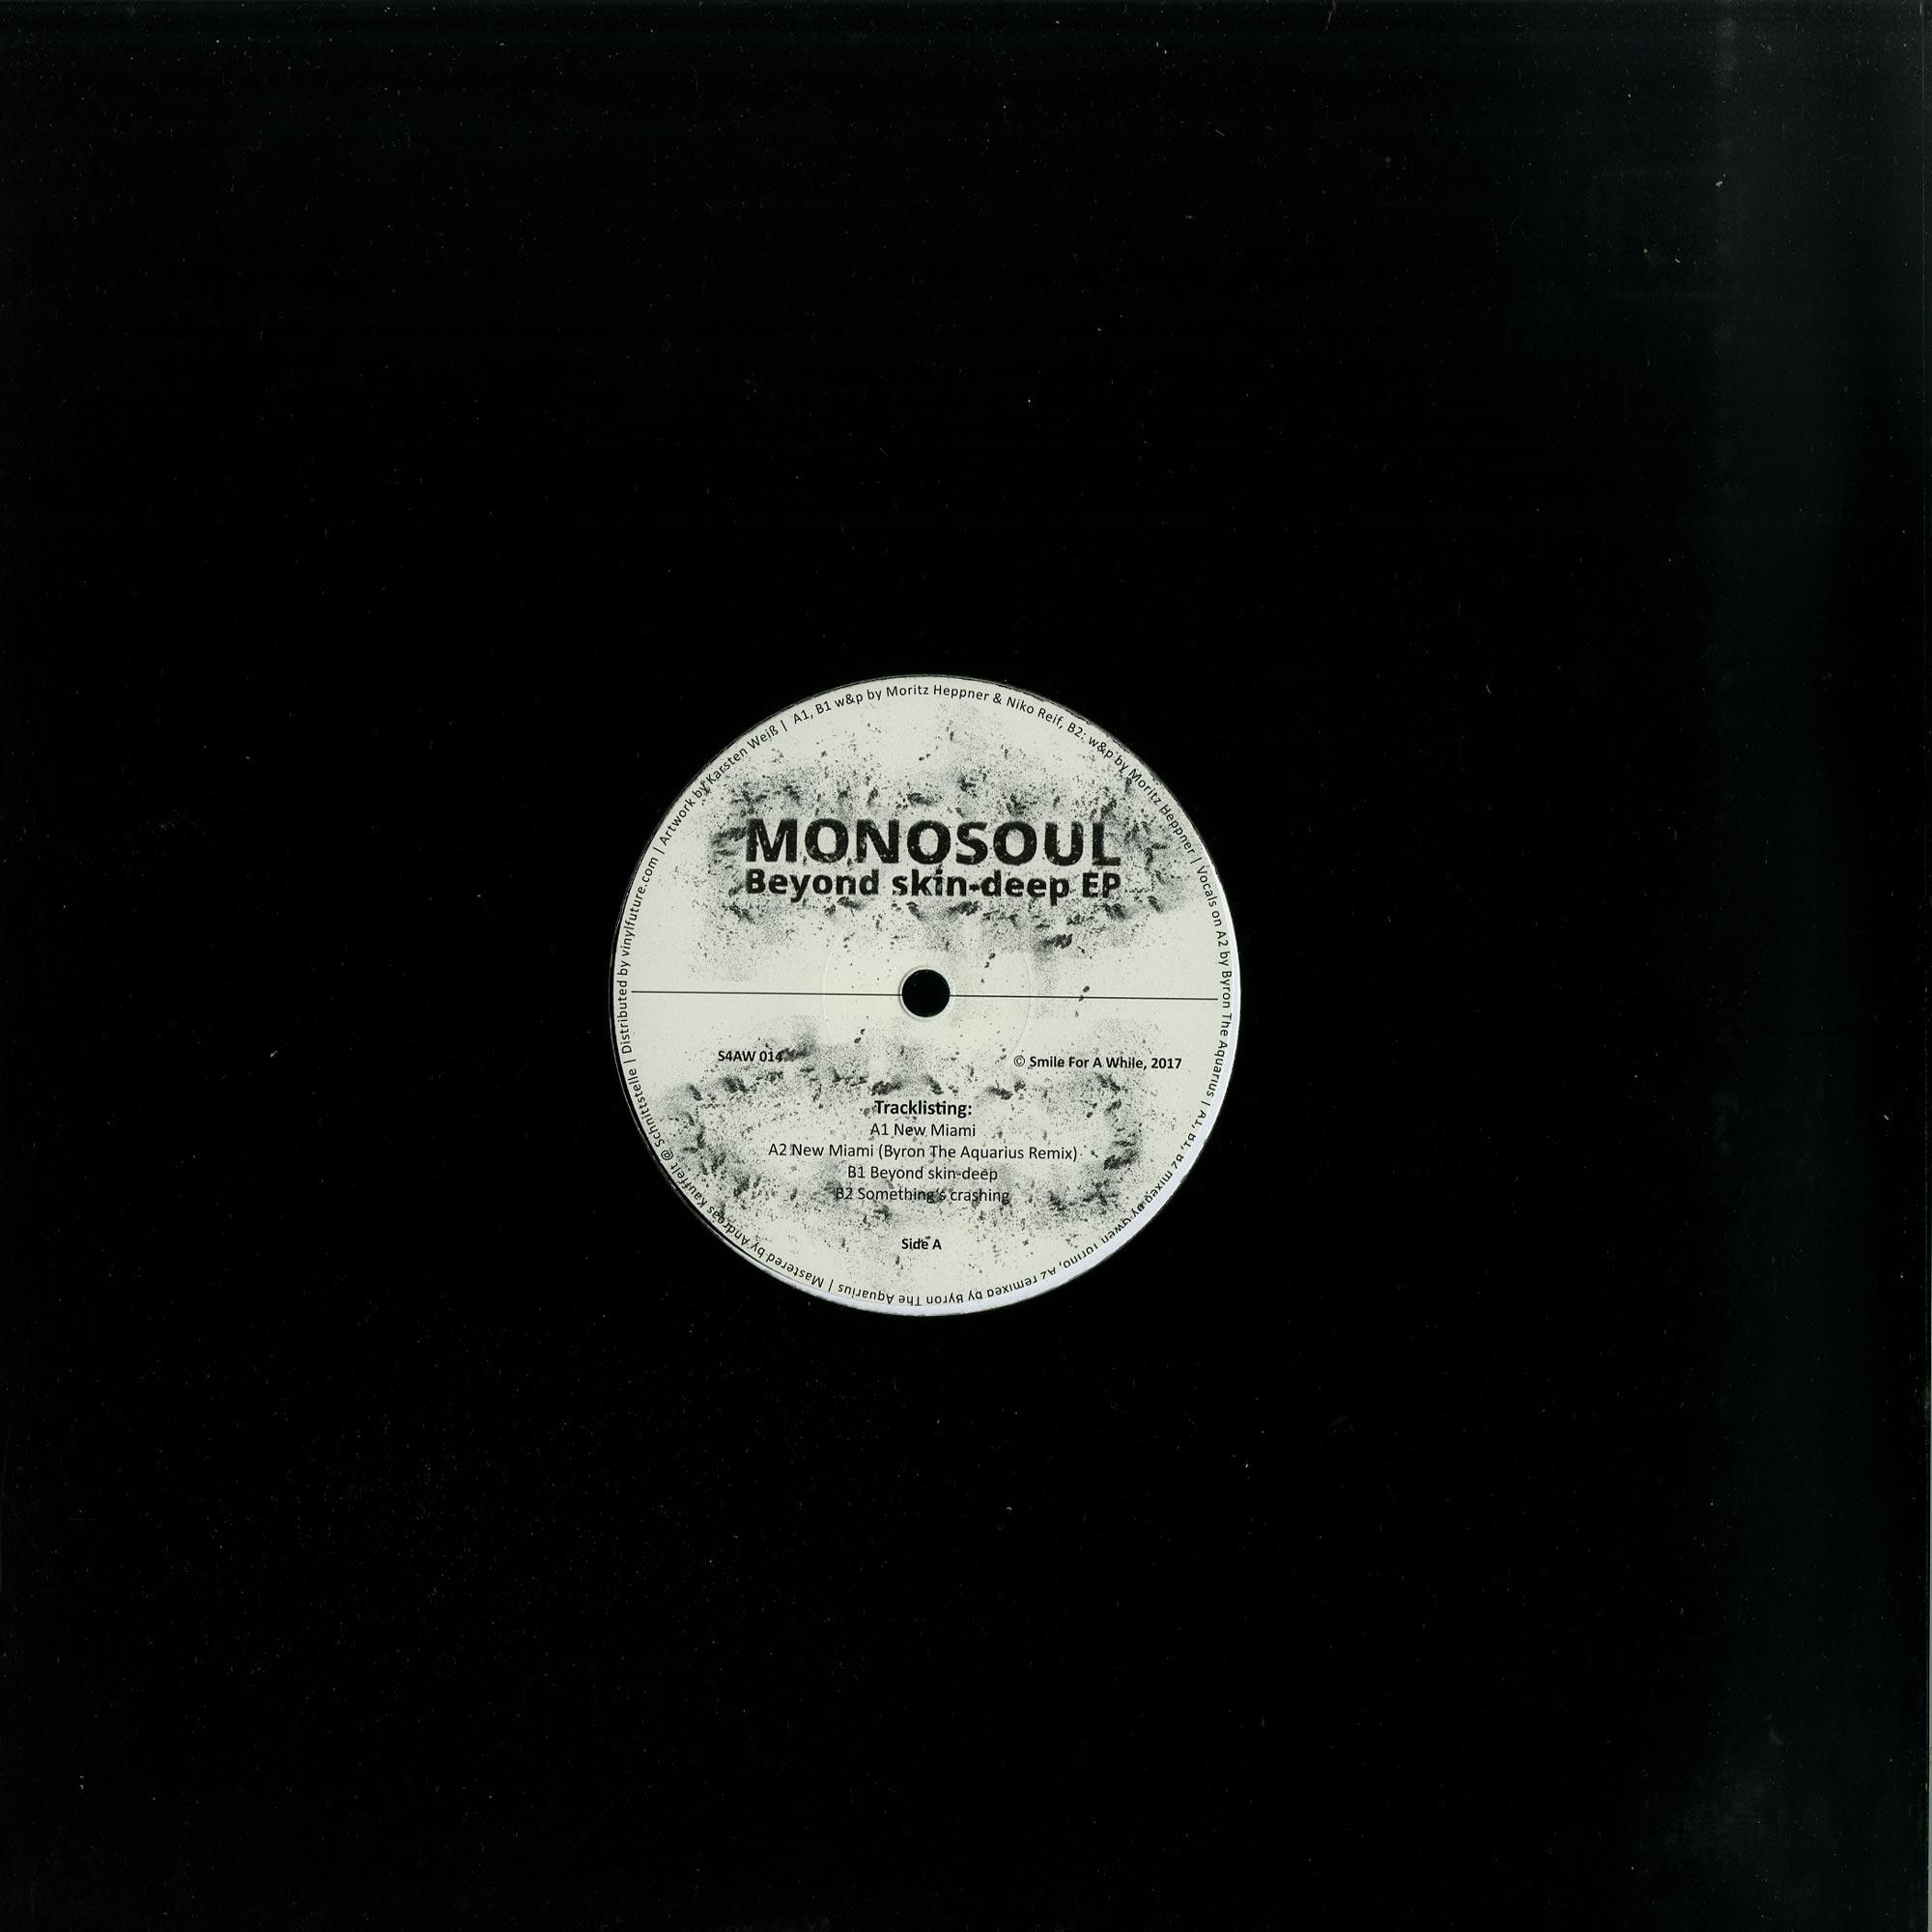 Monosoul - BEYOND SKINDEEP EP